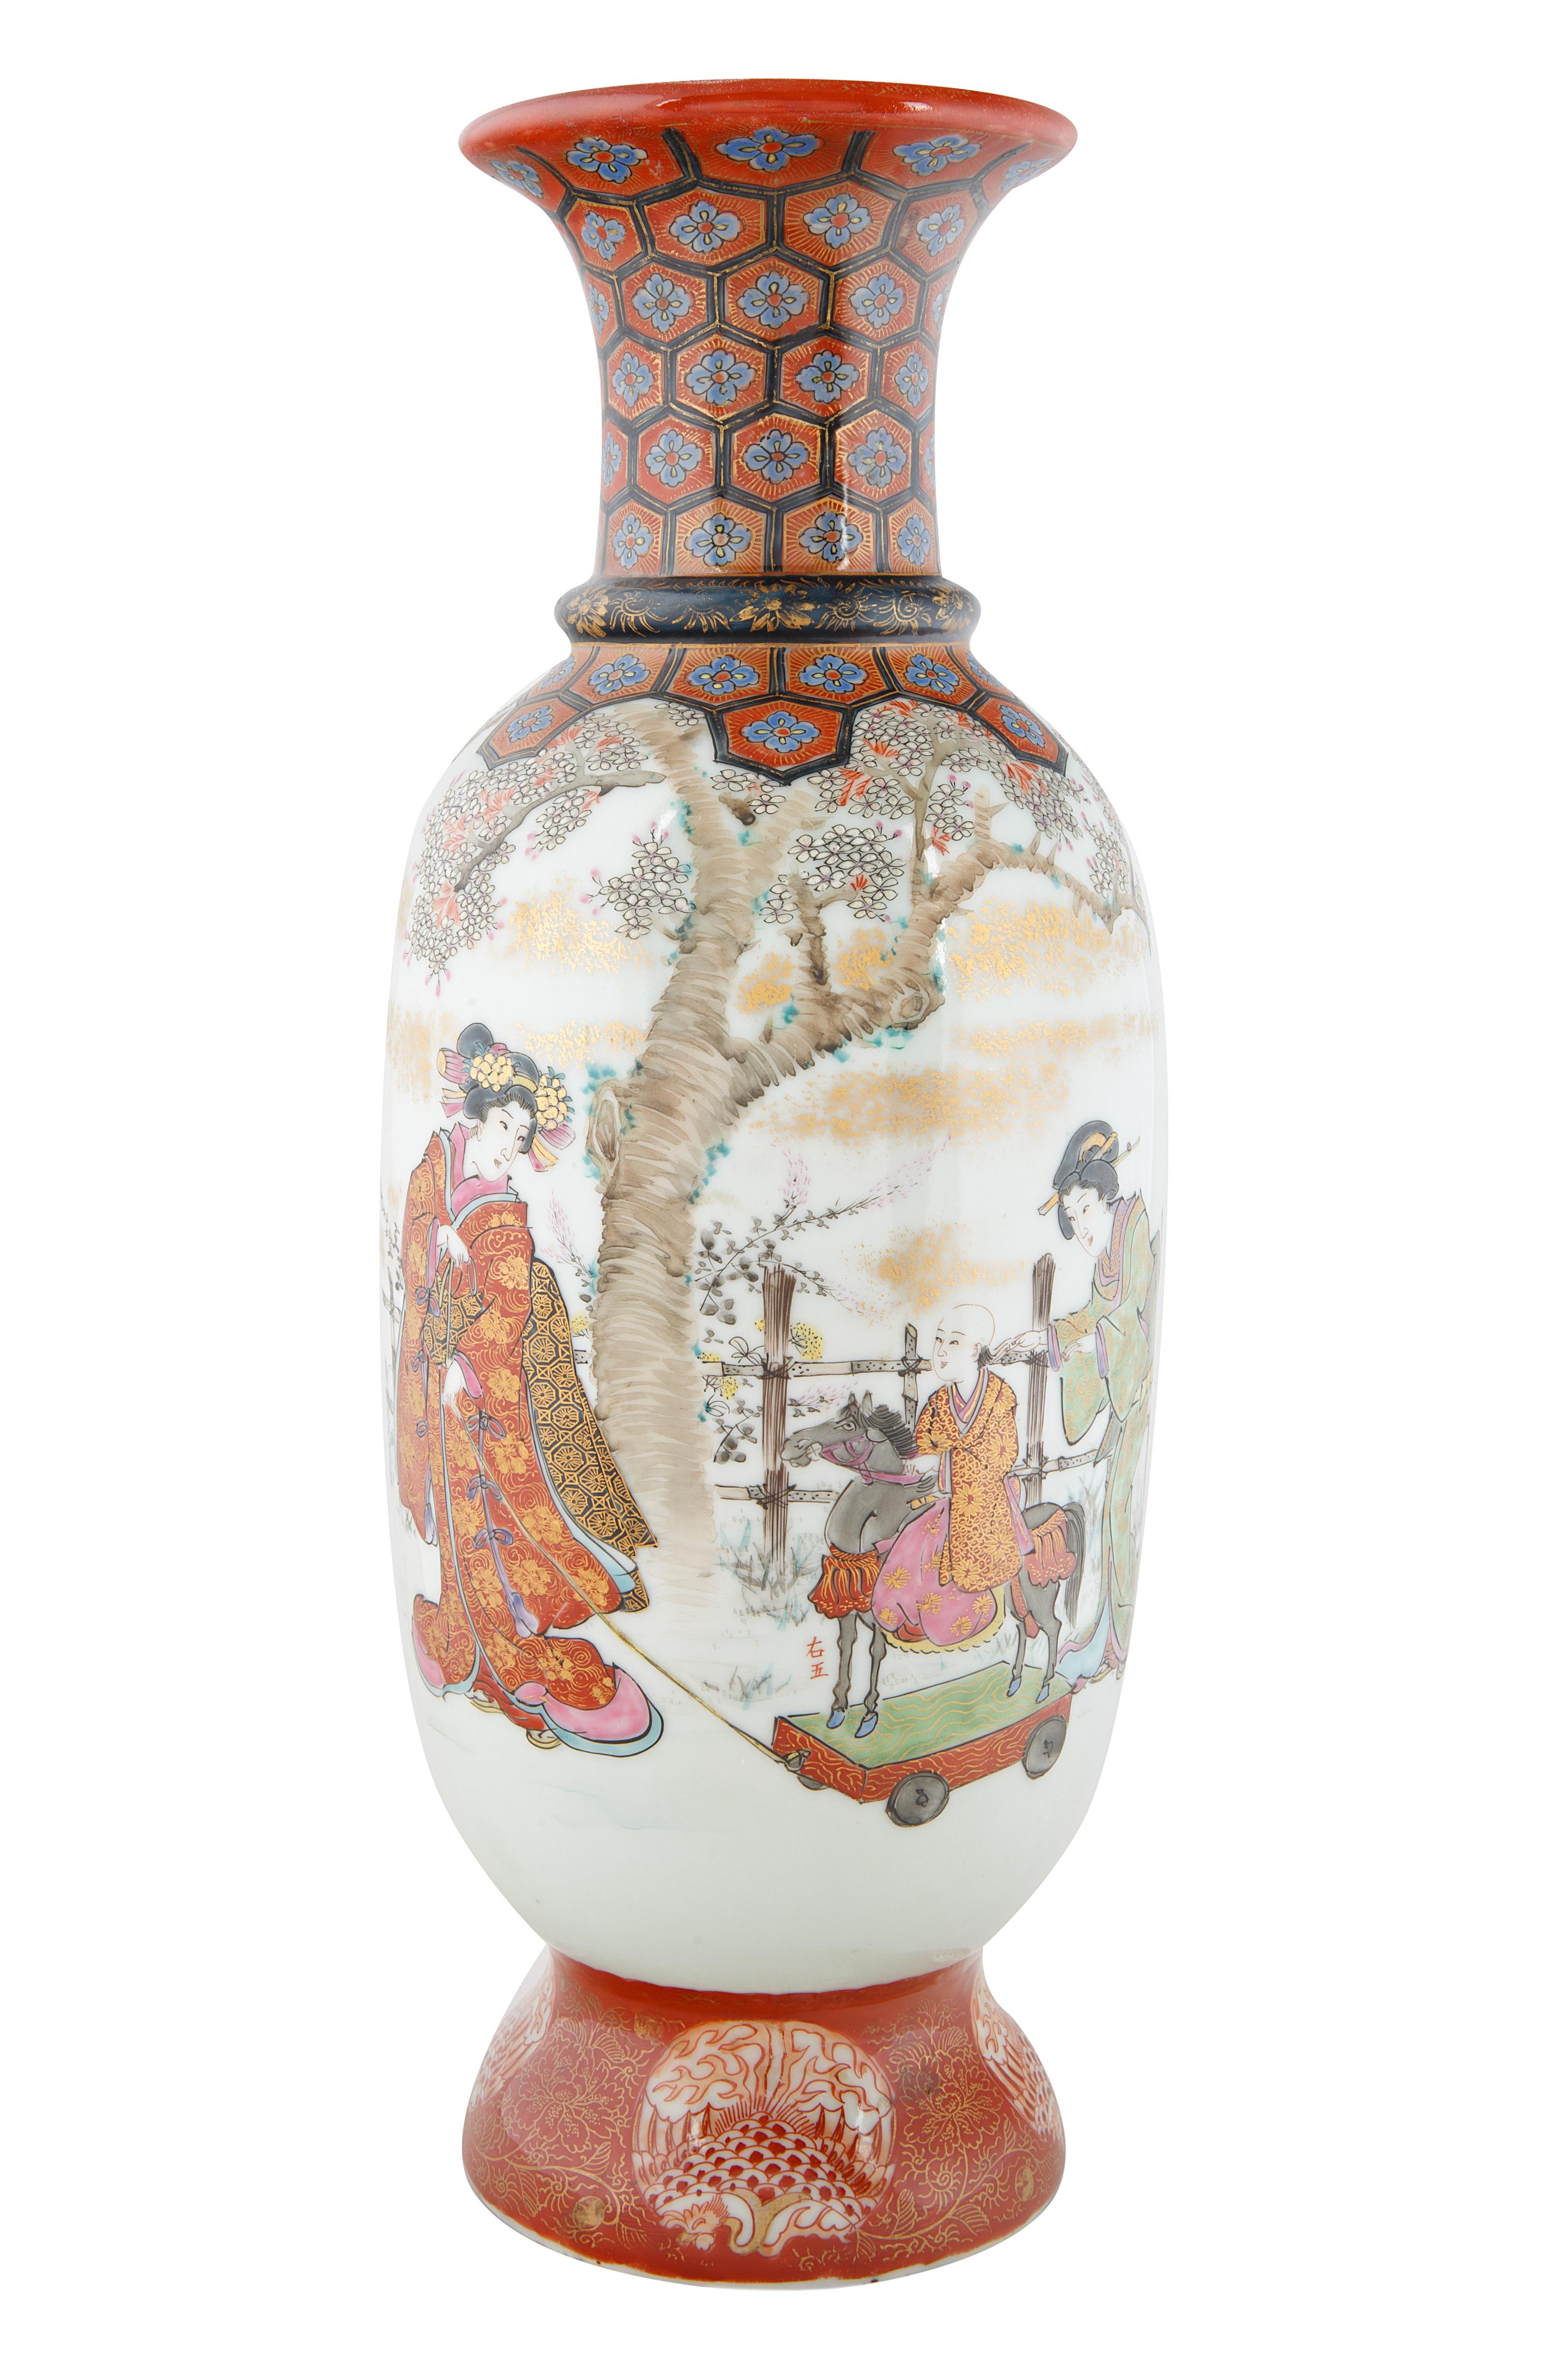 EARLY 20TH CENTURY JAPANESE KUTANI BALUSTER VASE - Image 2 of 5